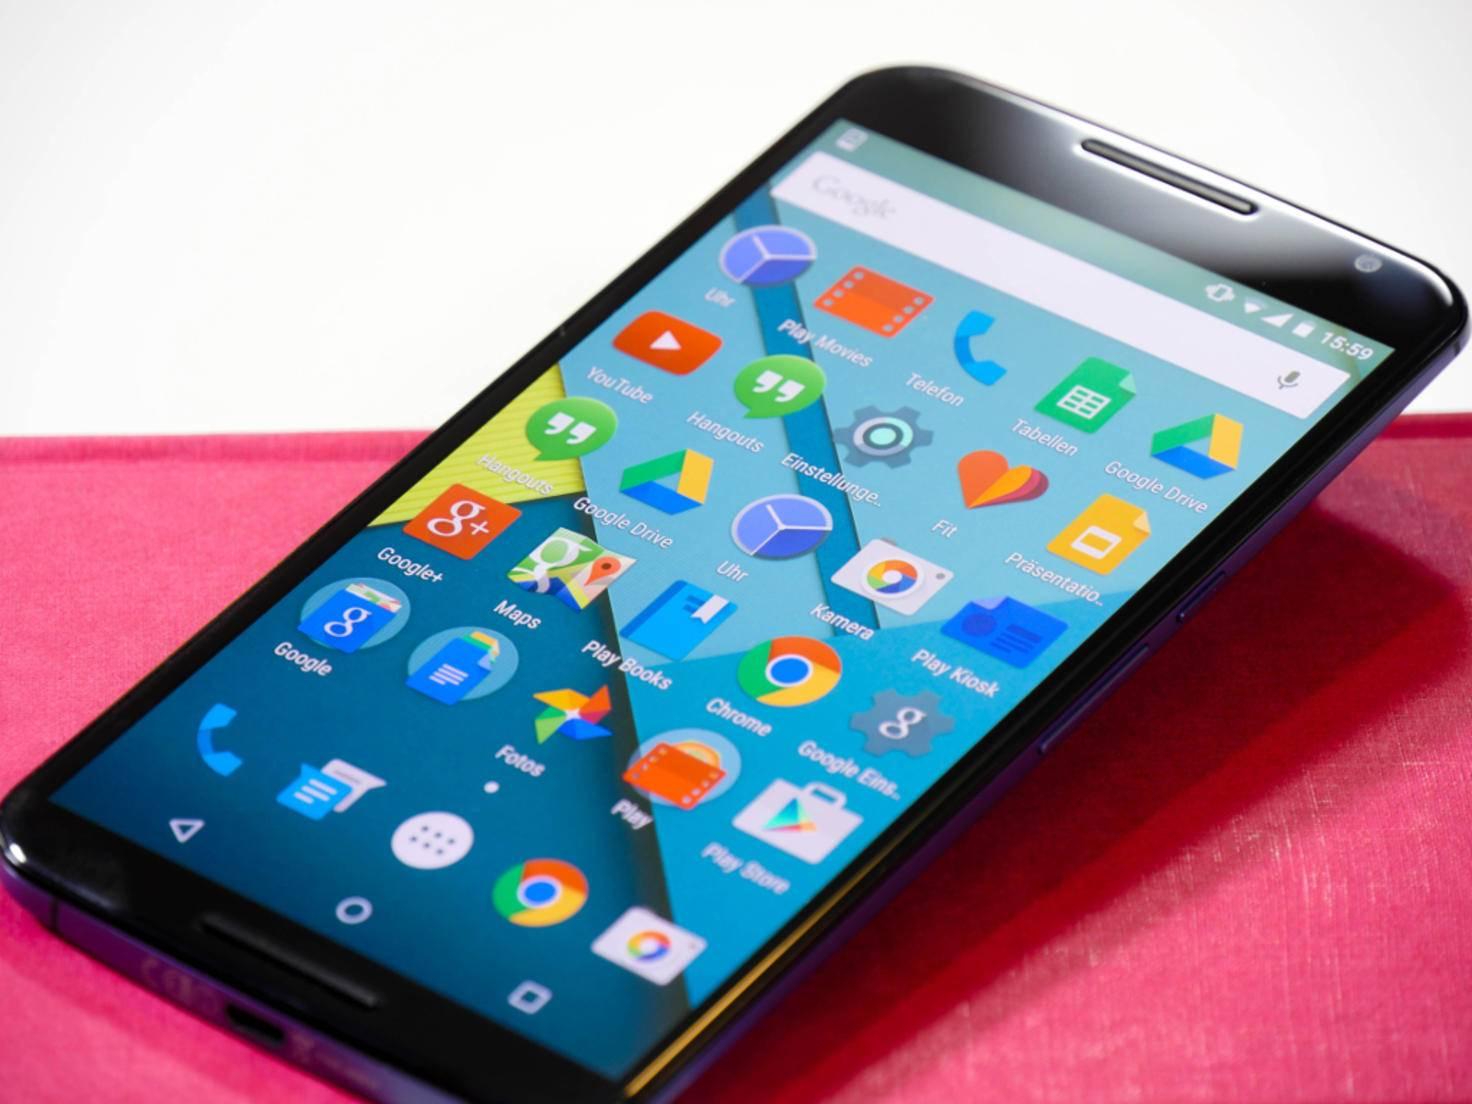 Das QHD-Display des Nexus 6 löst mit 2560 x 1440 Pixeln auf.